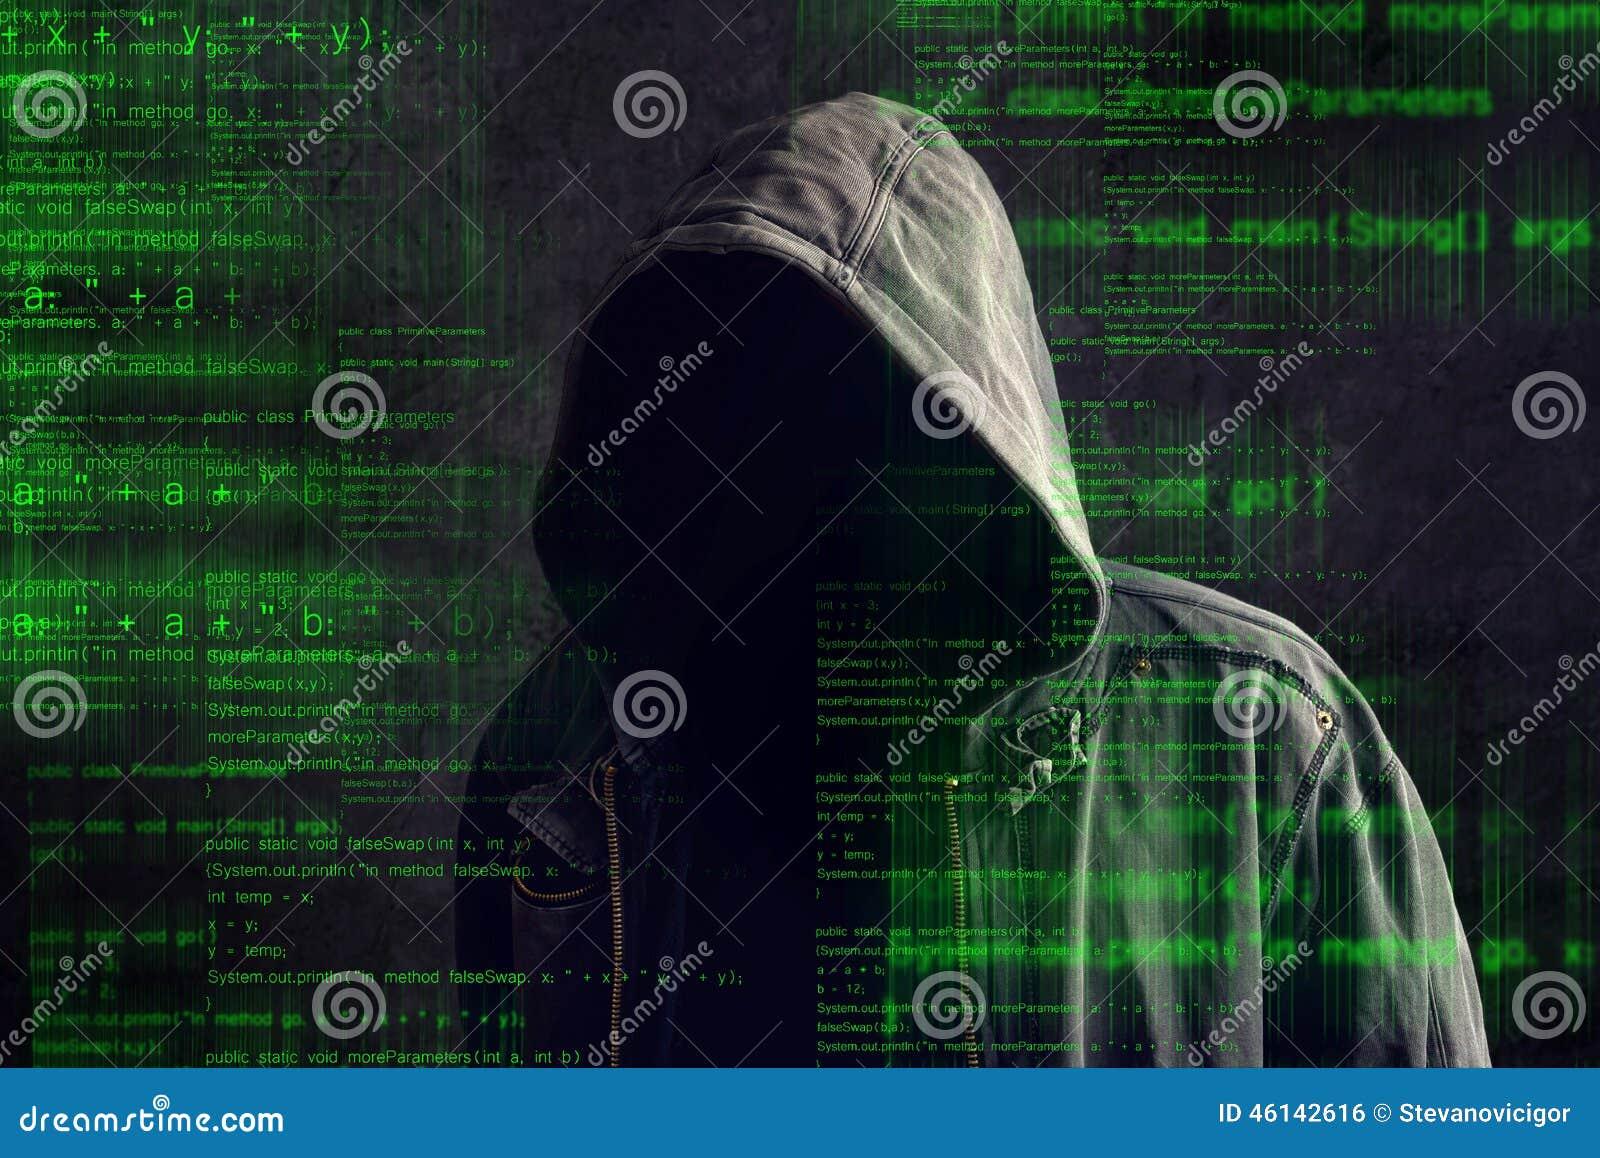 Hacker de computador anônimo encapuçado sem cara